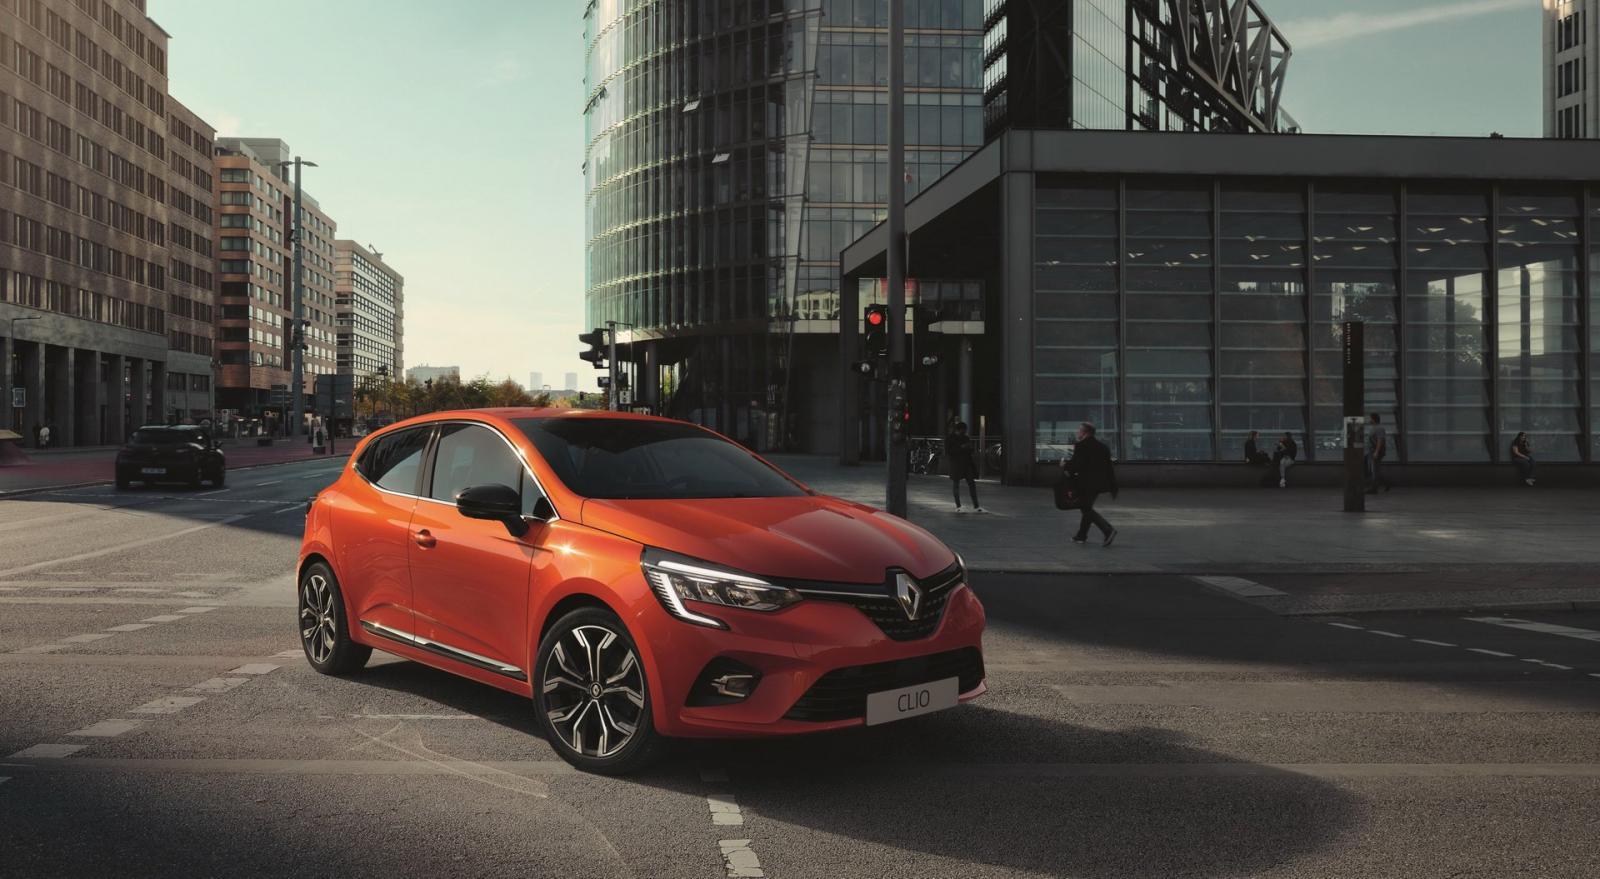 Renault Clio 2020